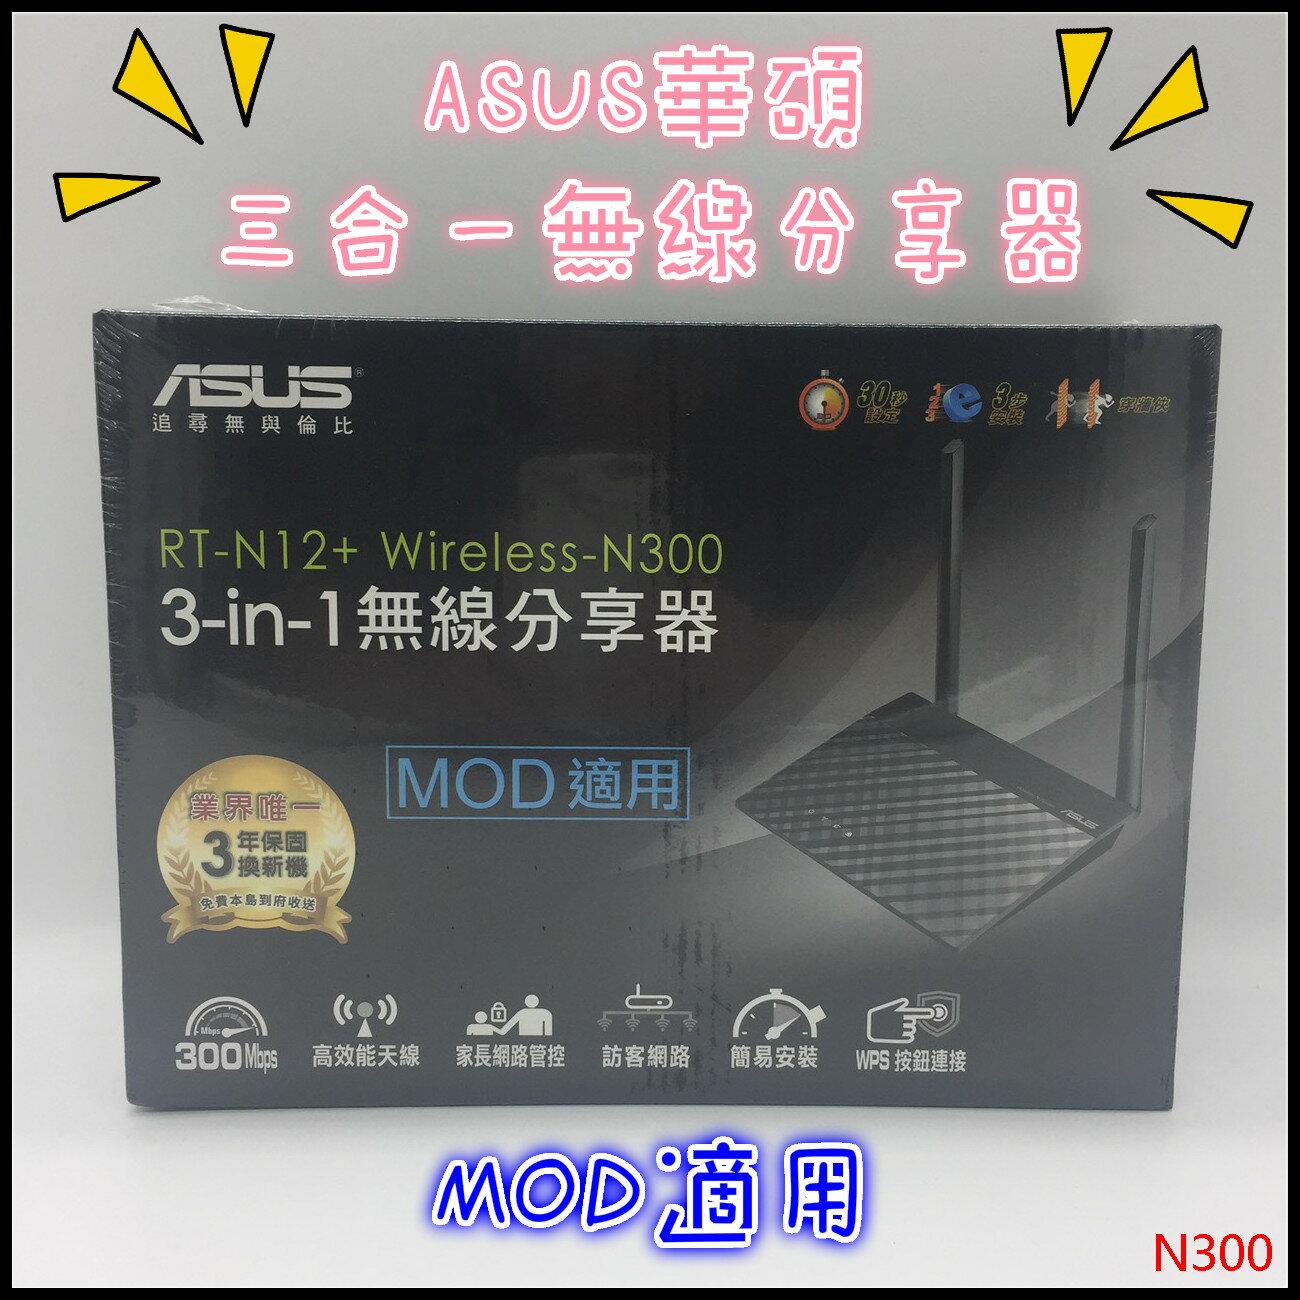 分享器 ASUS華碩3合1 Wireless-N300 無線分享器 桌上型電腦 筆記型電腦 手機 網路 MAC USB